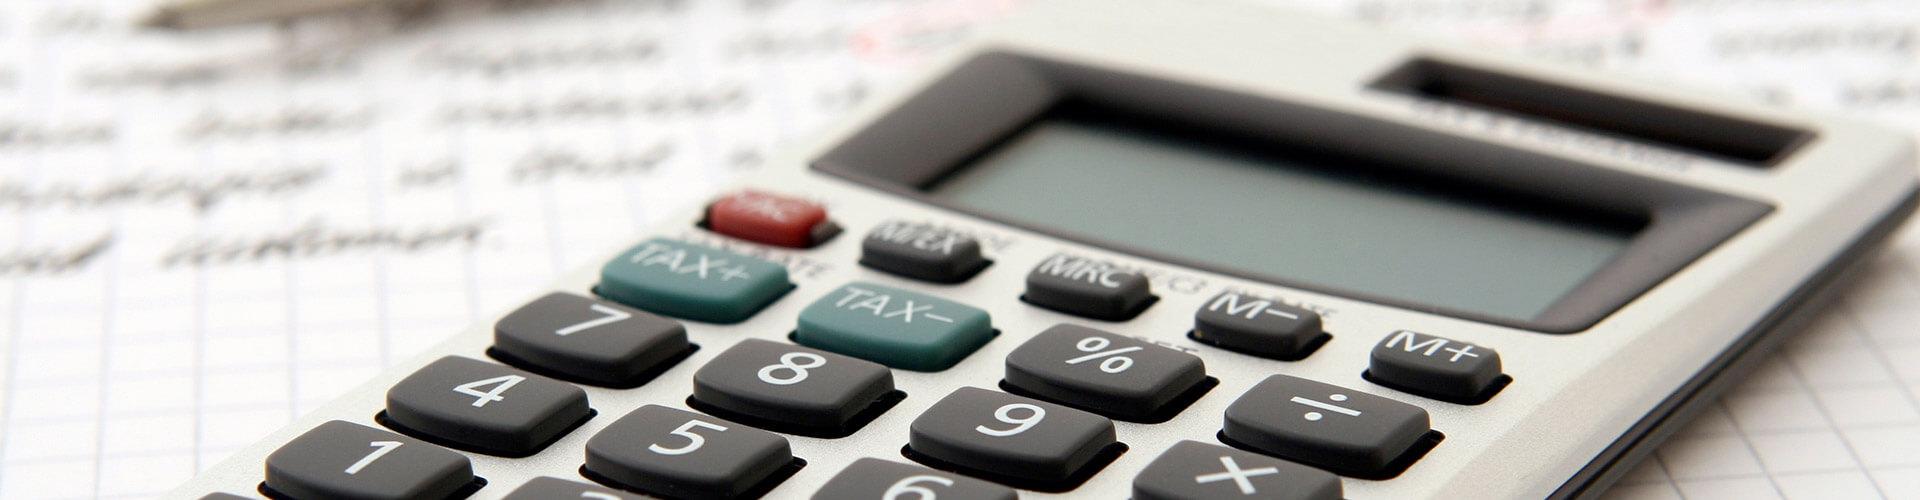 Calcul de l'impôt sur le retrait d'un 3e pilier | www.troisiemepiliersuisse.info